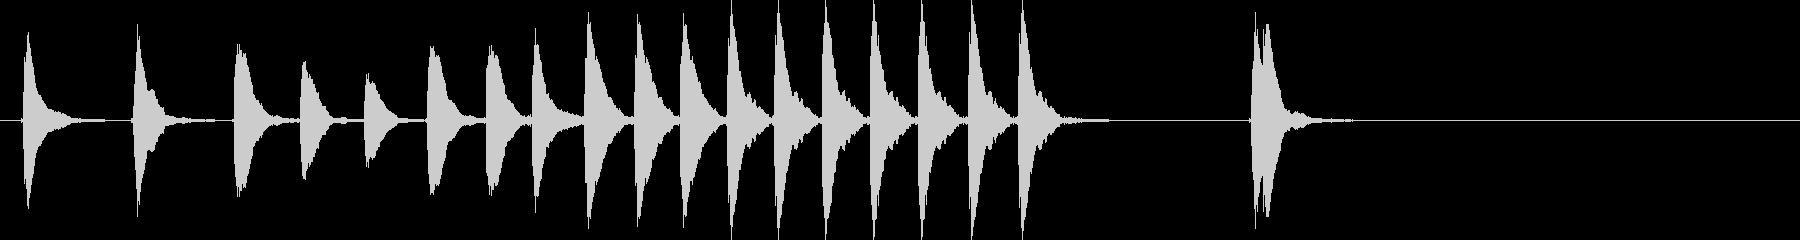 和風 和太鼓 鼓つづみよくあるパターンの未再生の波形